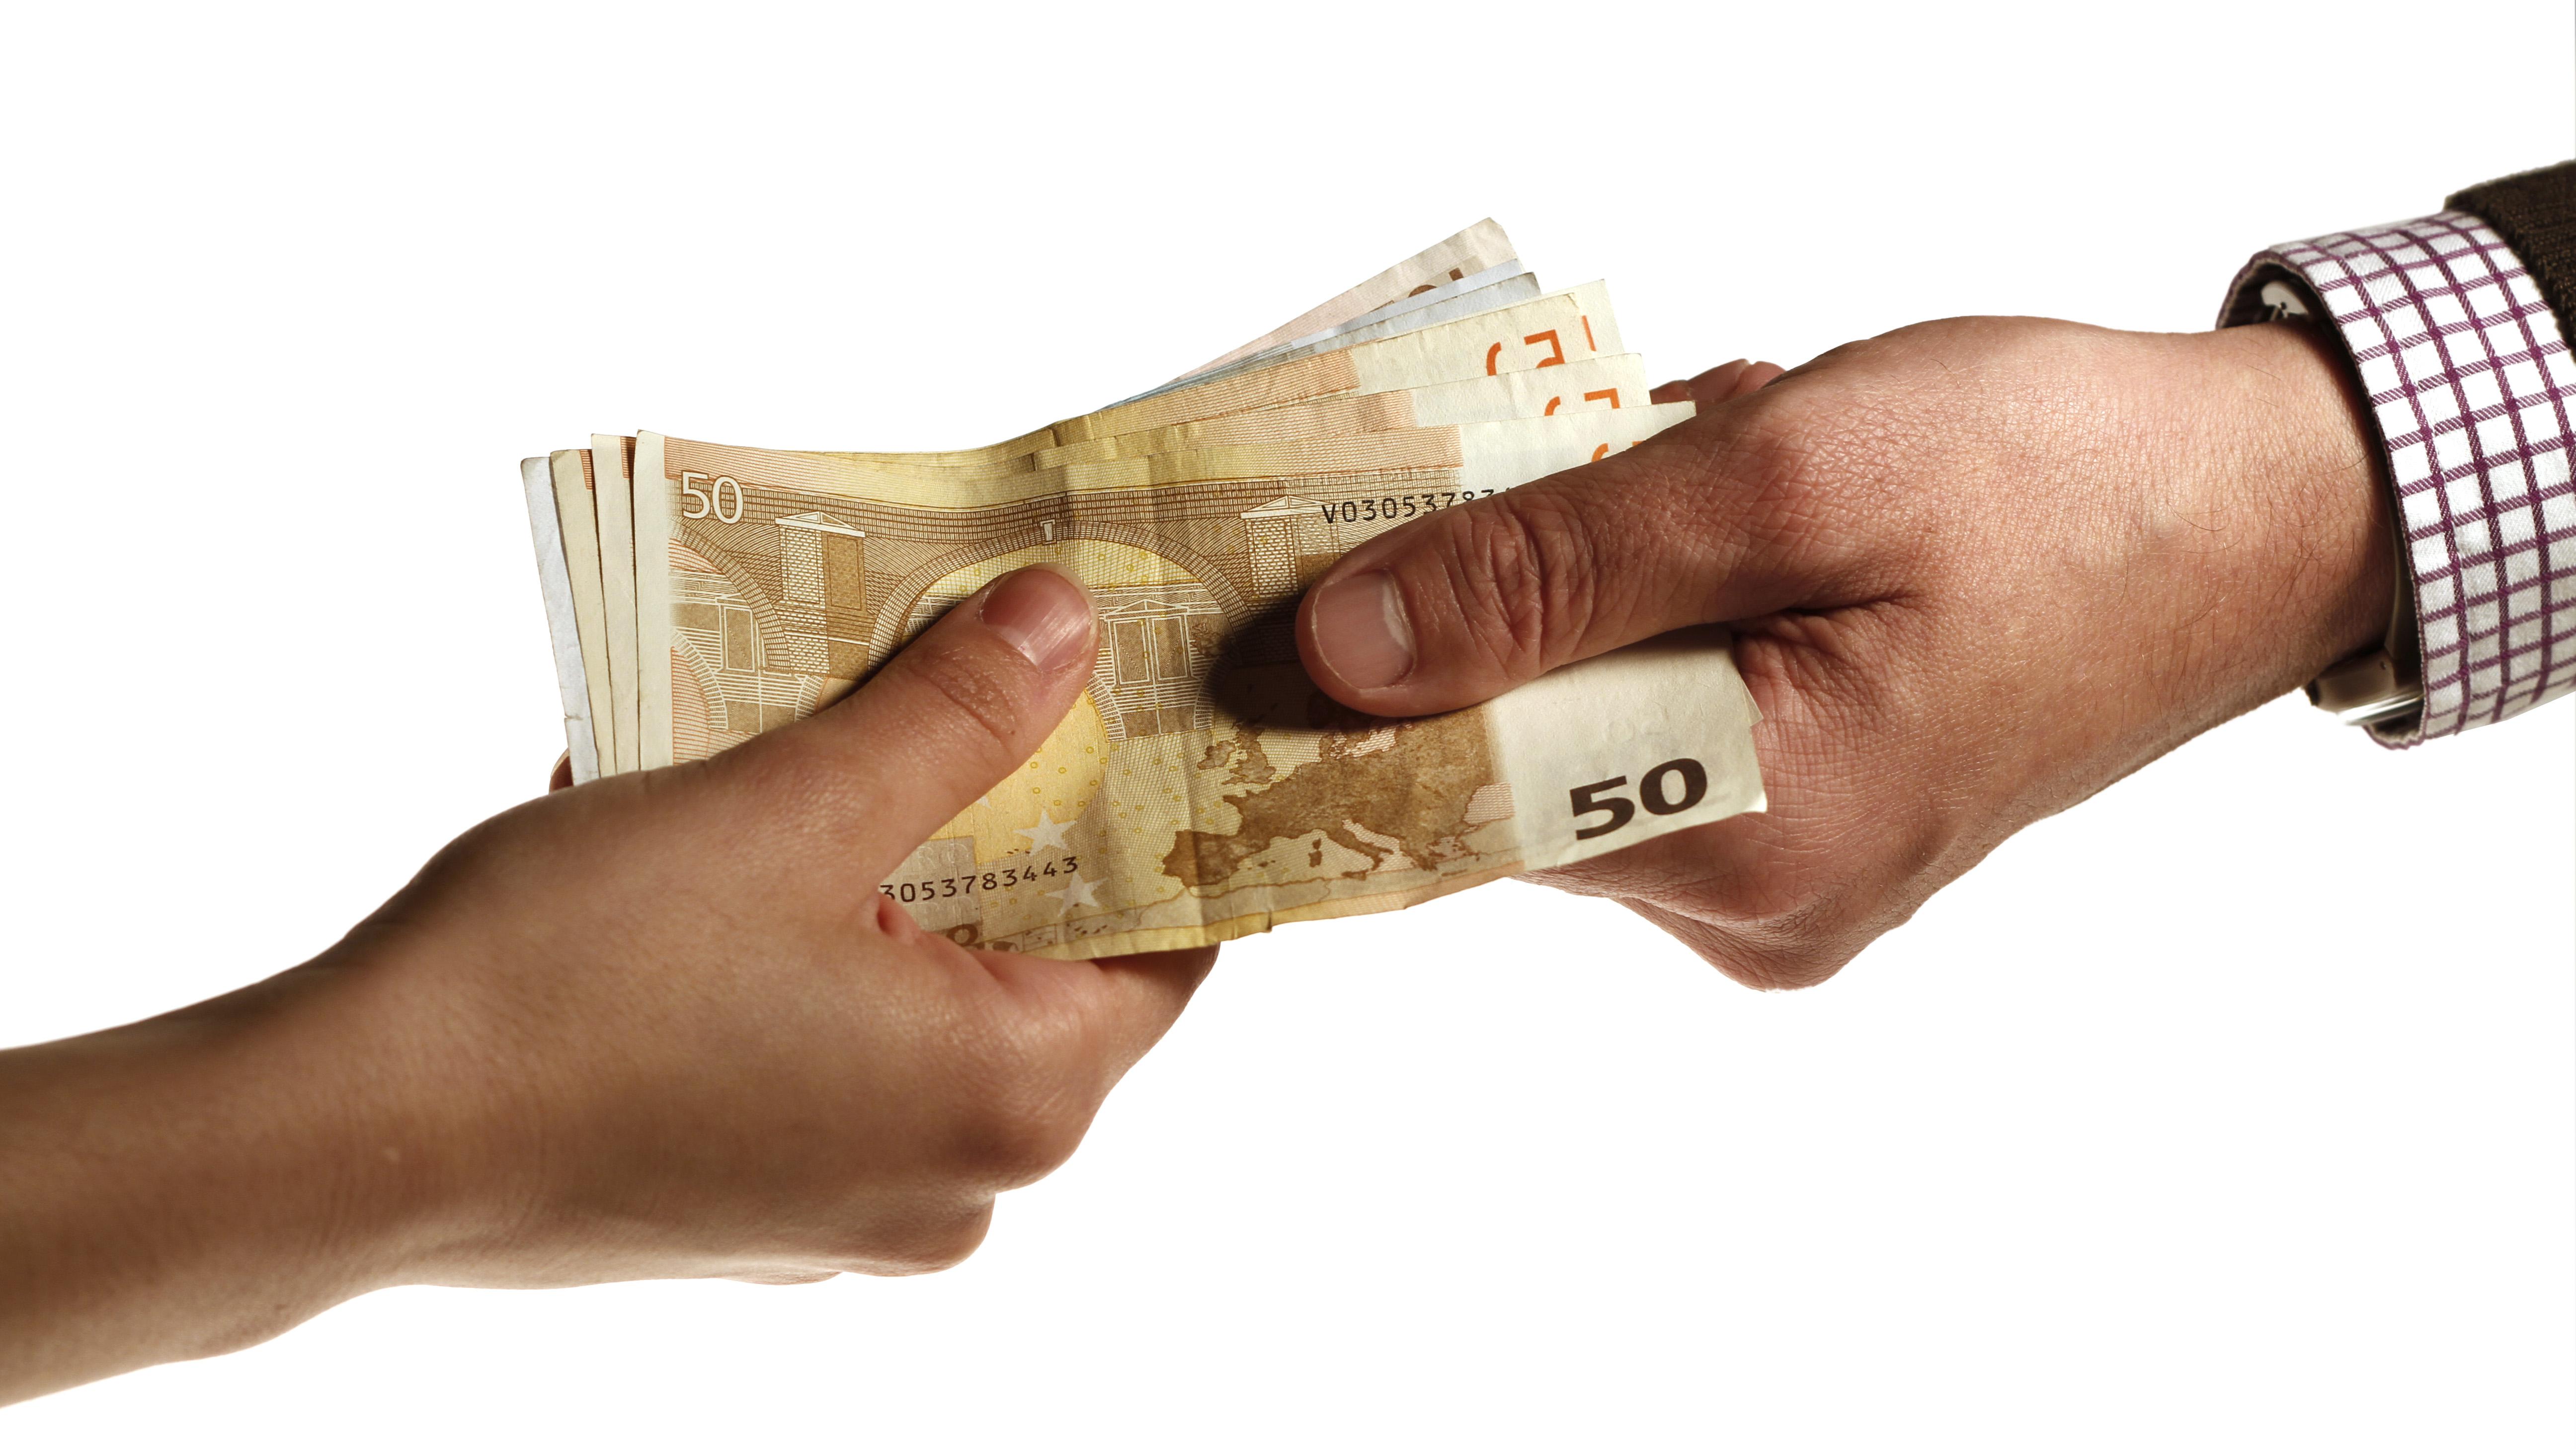 crise financeira e mais impostos são factores que fazem aumentar vendas e serviços sem facturas